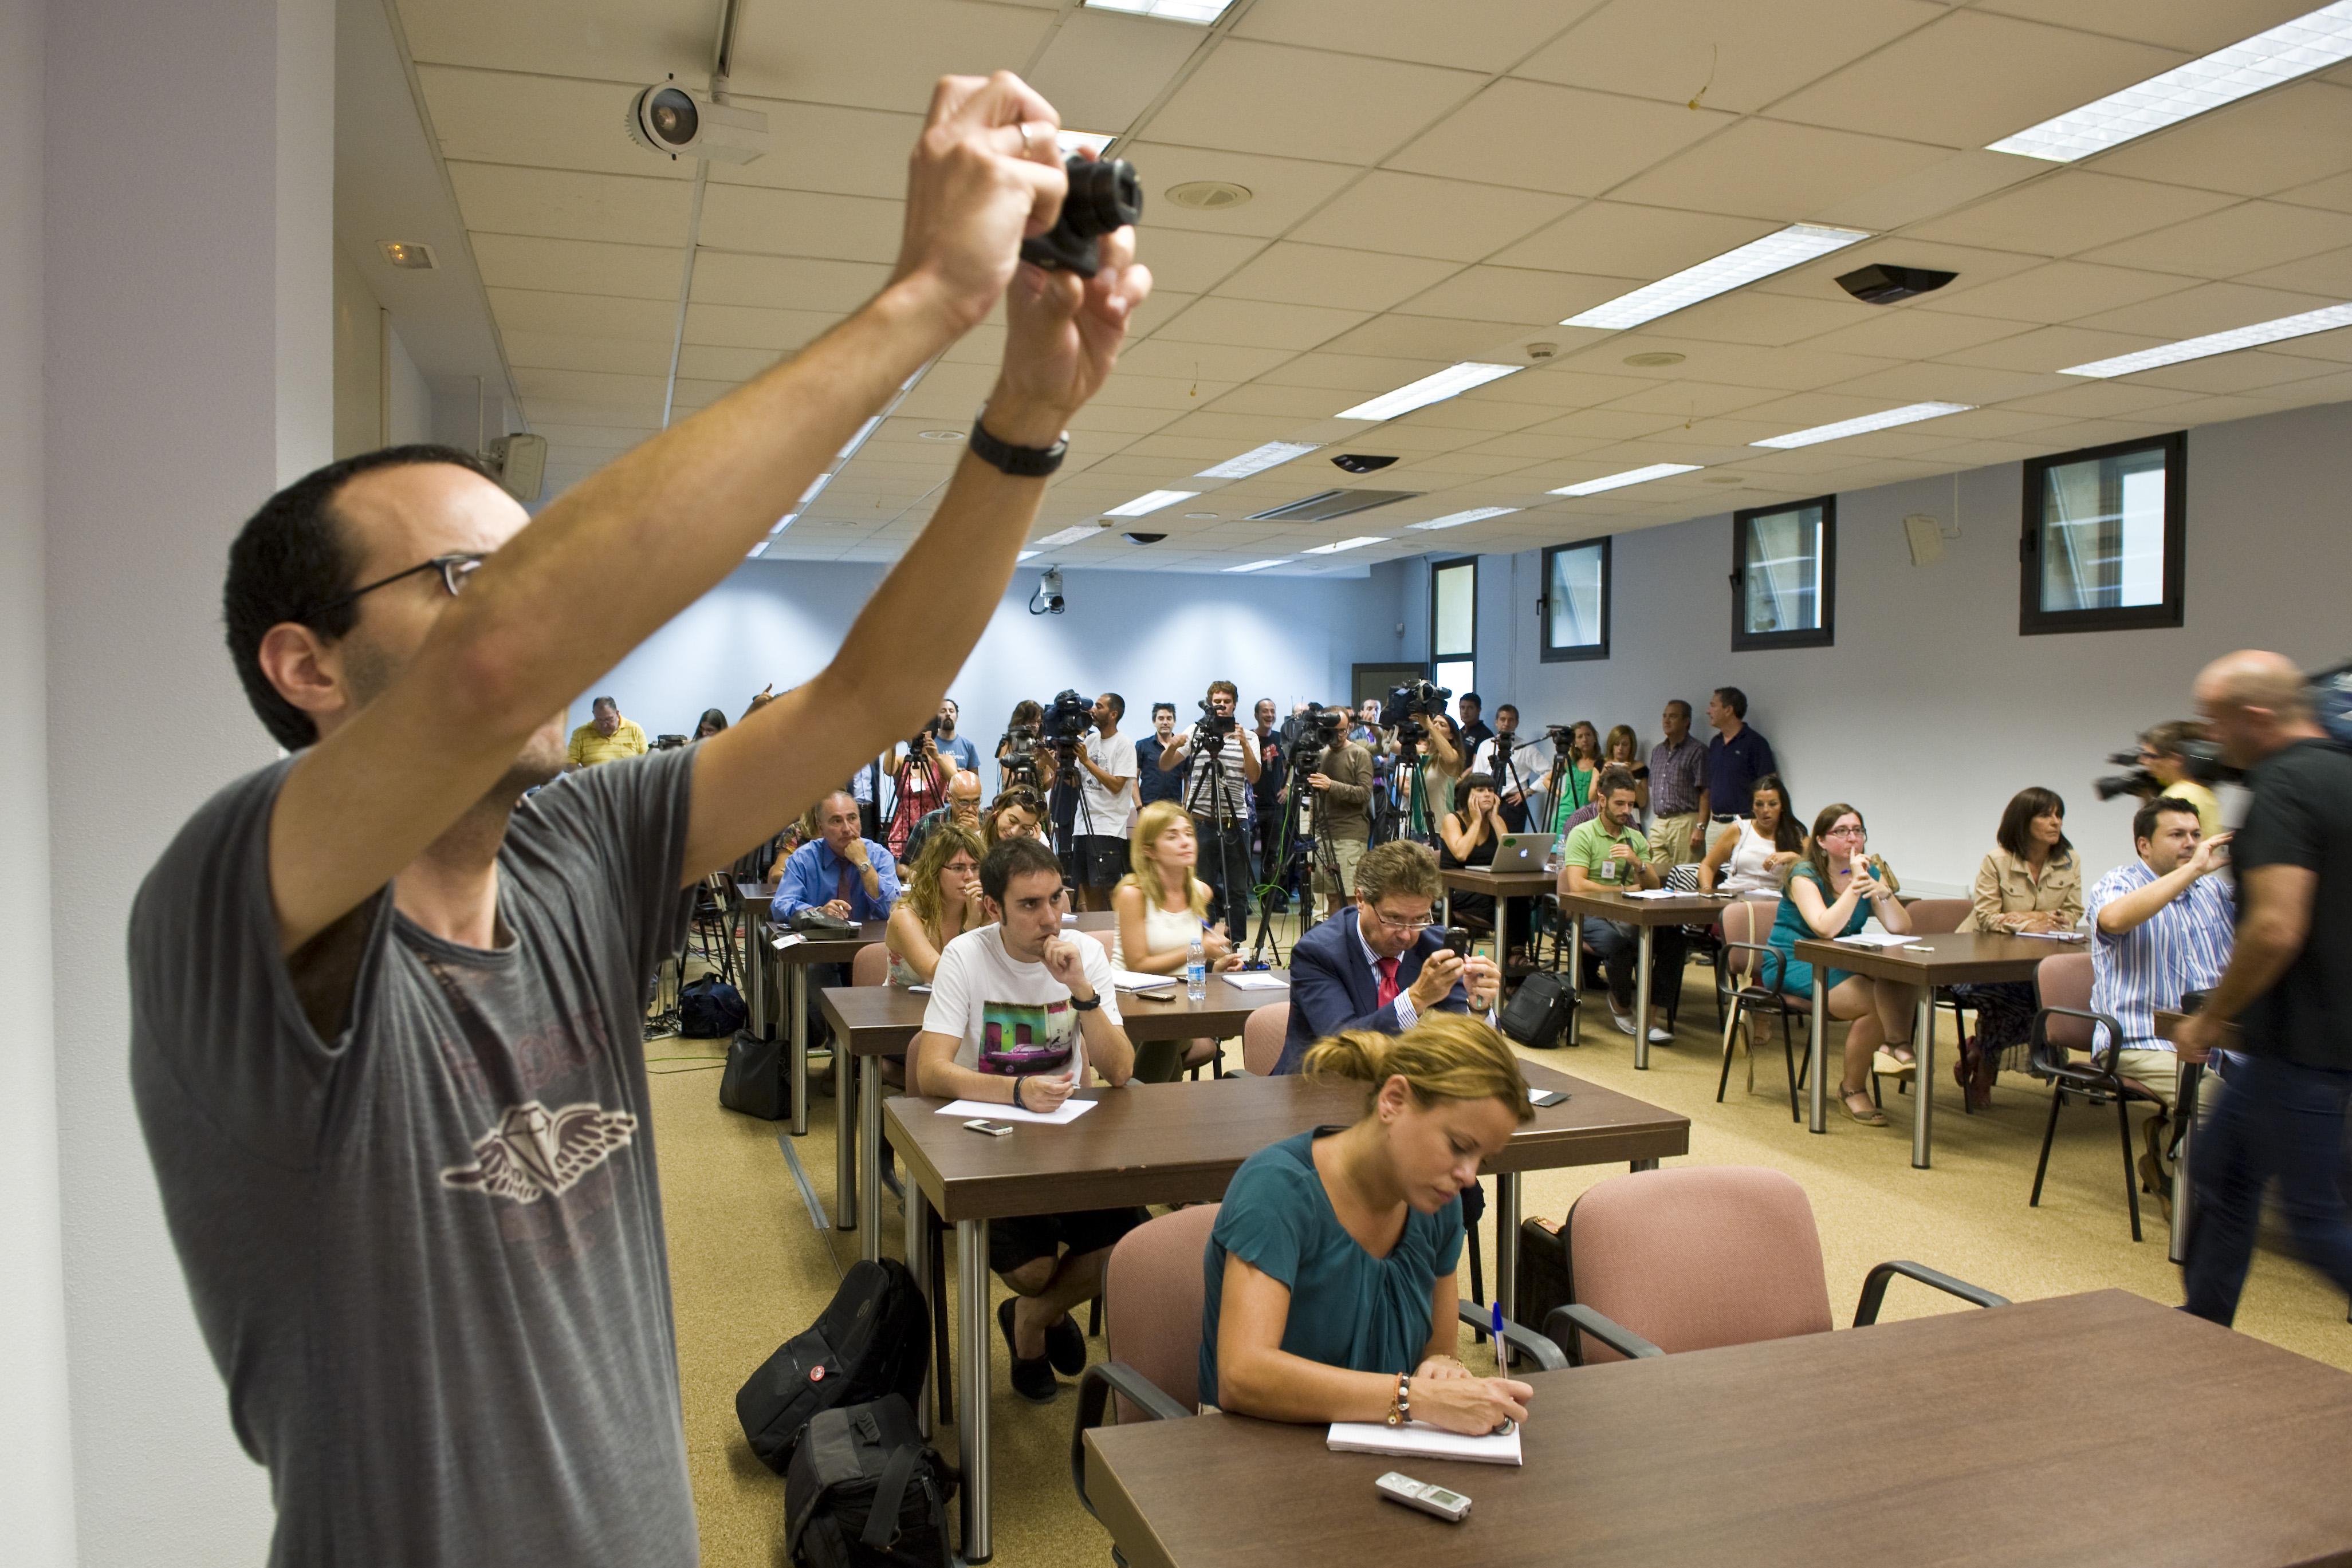 2012_08_21_lehendakari_prensa_010.jpg